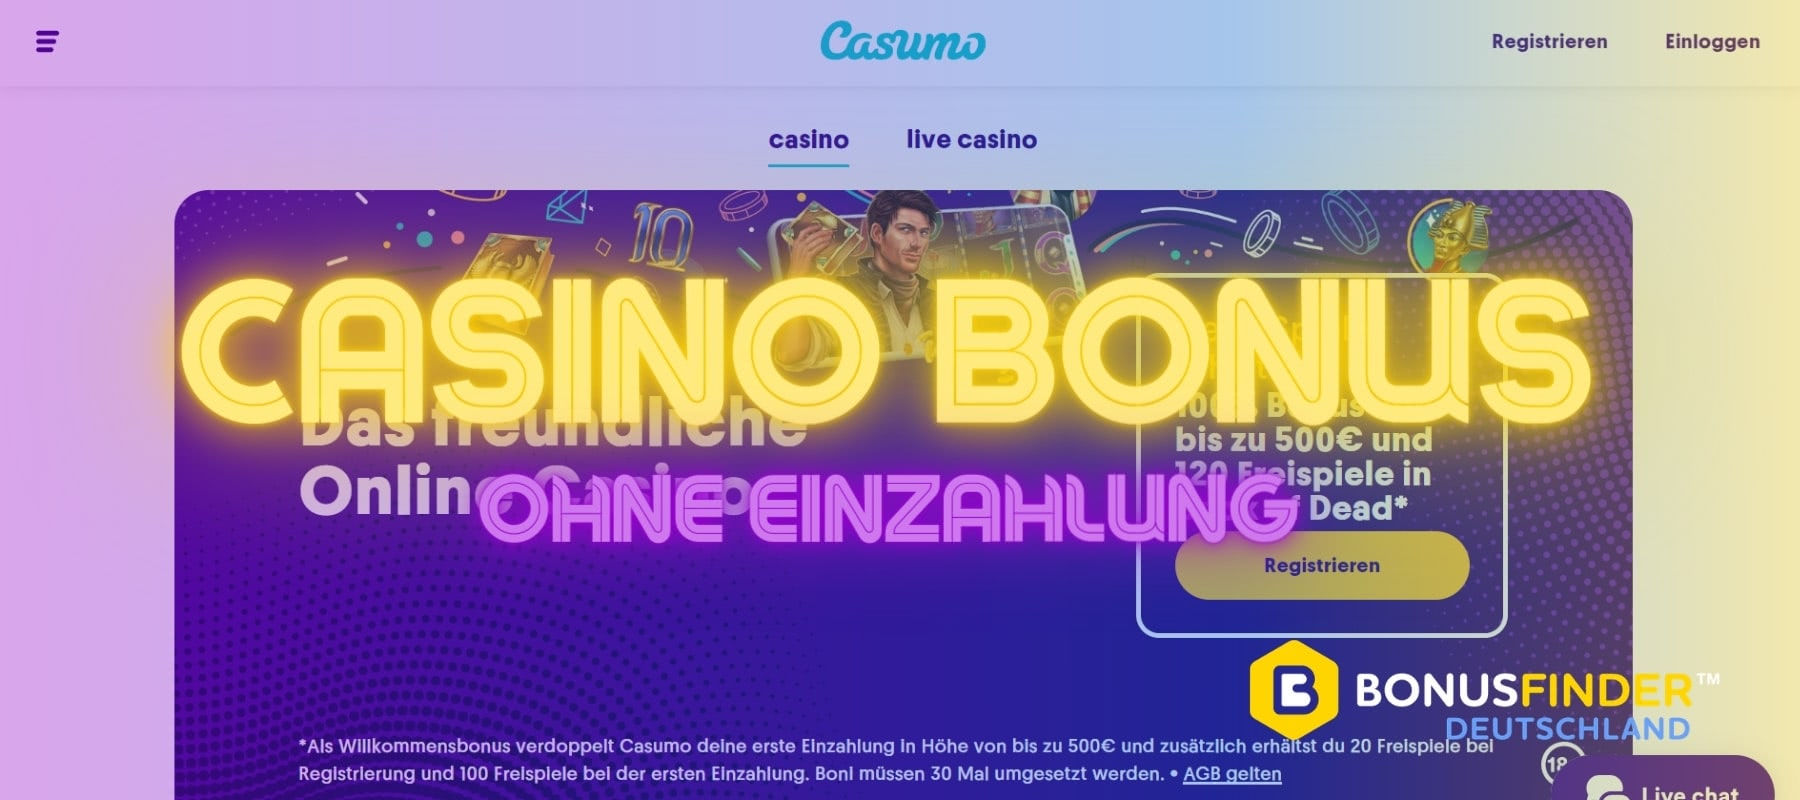 Bonus Ohne Einzahlung 2021